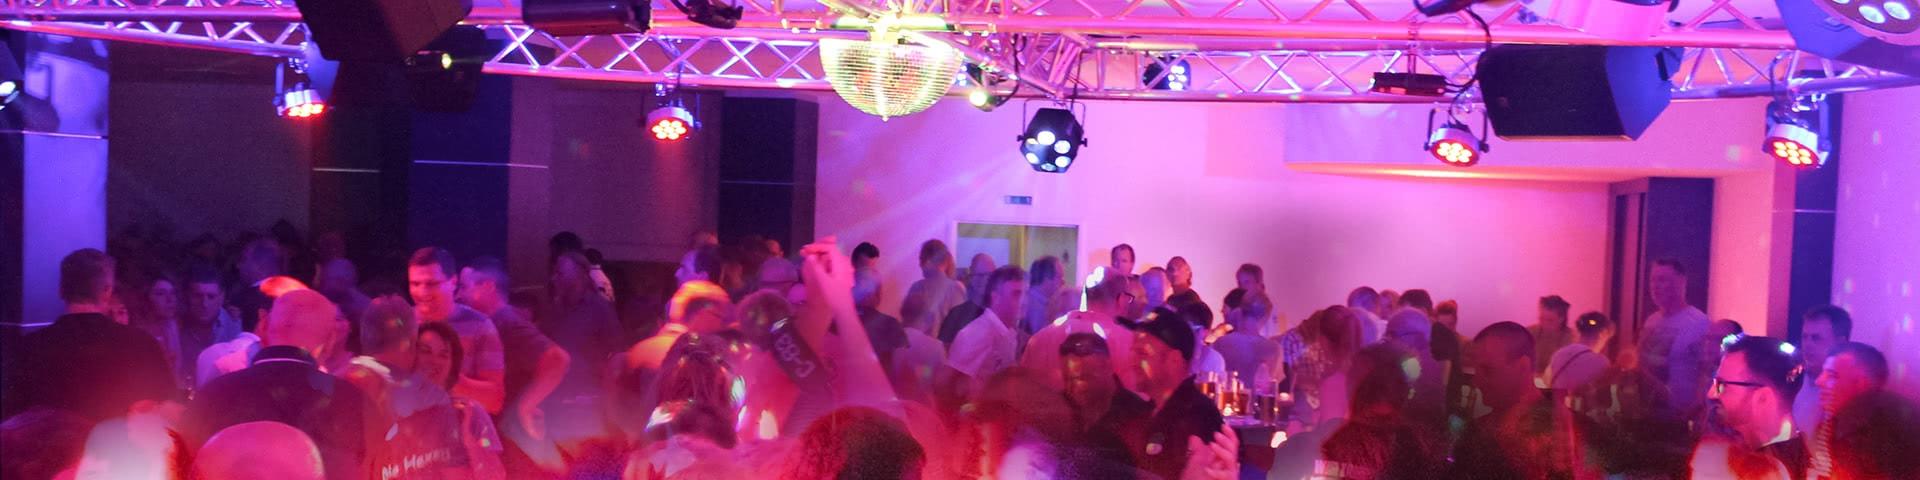 Volle Tanzfläche auf einer Party in Hallorca